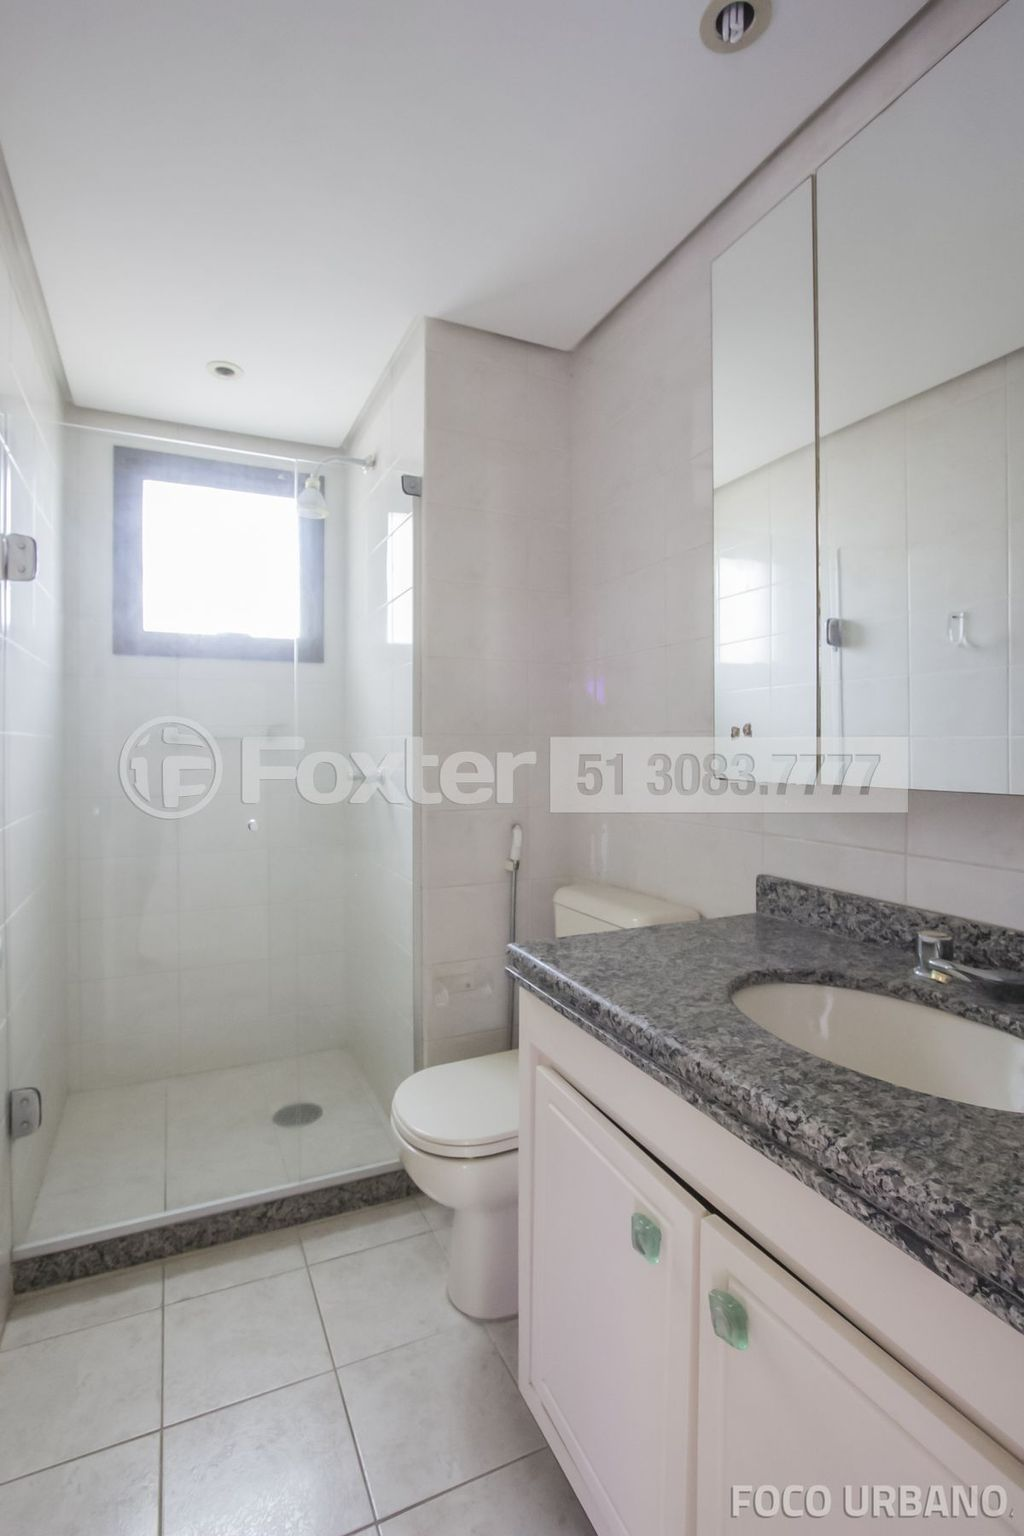 Foxter Imobiliária - Cobertura 3 Dorm (137146) - Foto 18